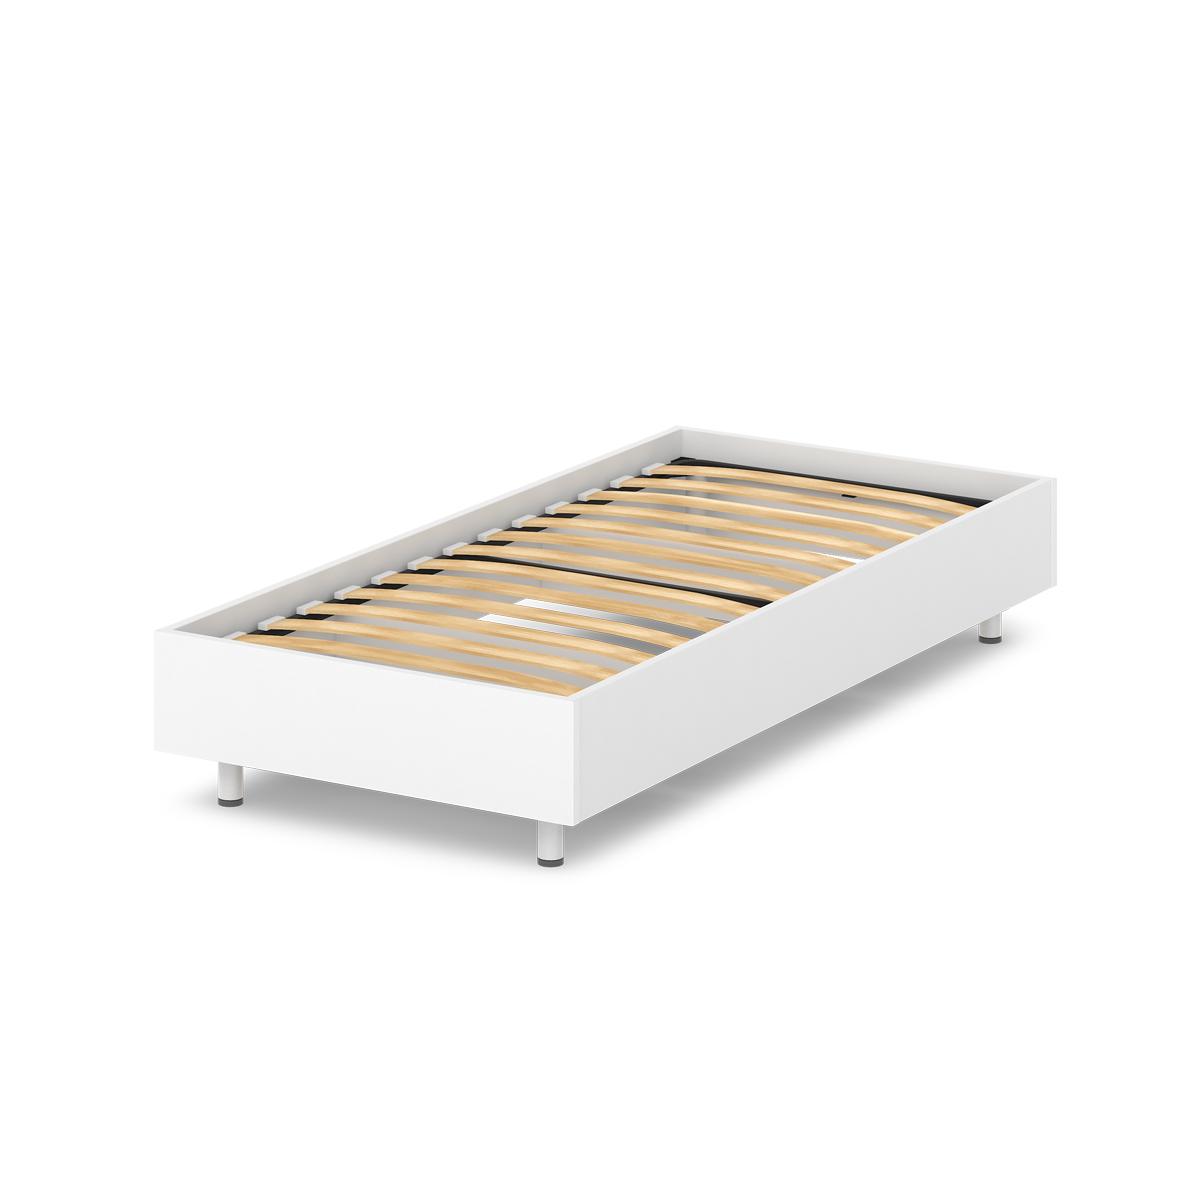 Кровать односпальная с ортопедическим основанием Н-450 Ornata